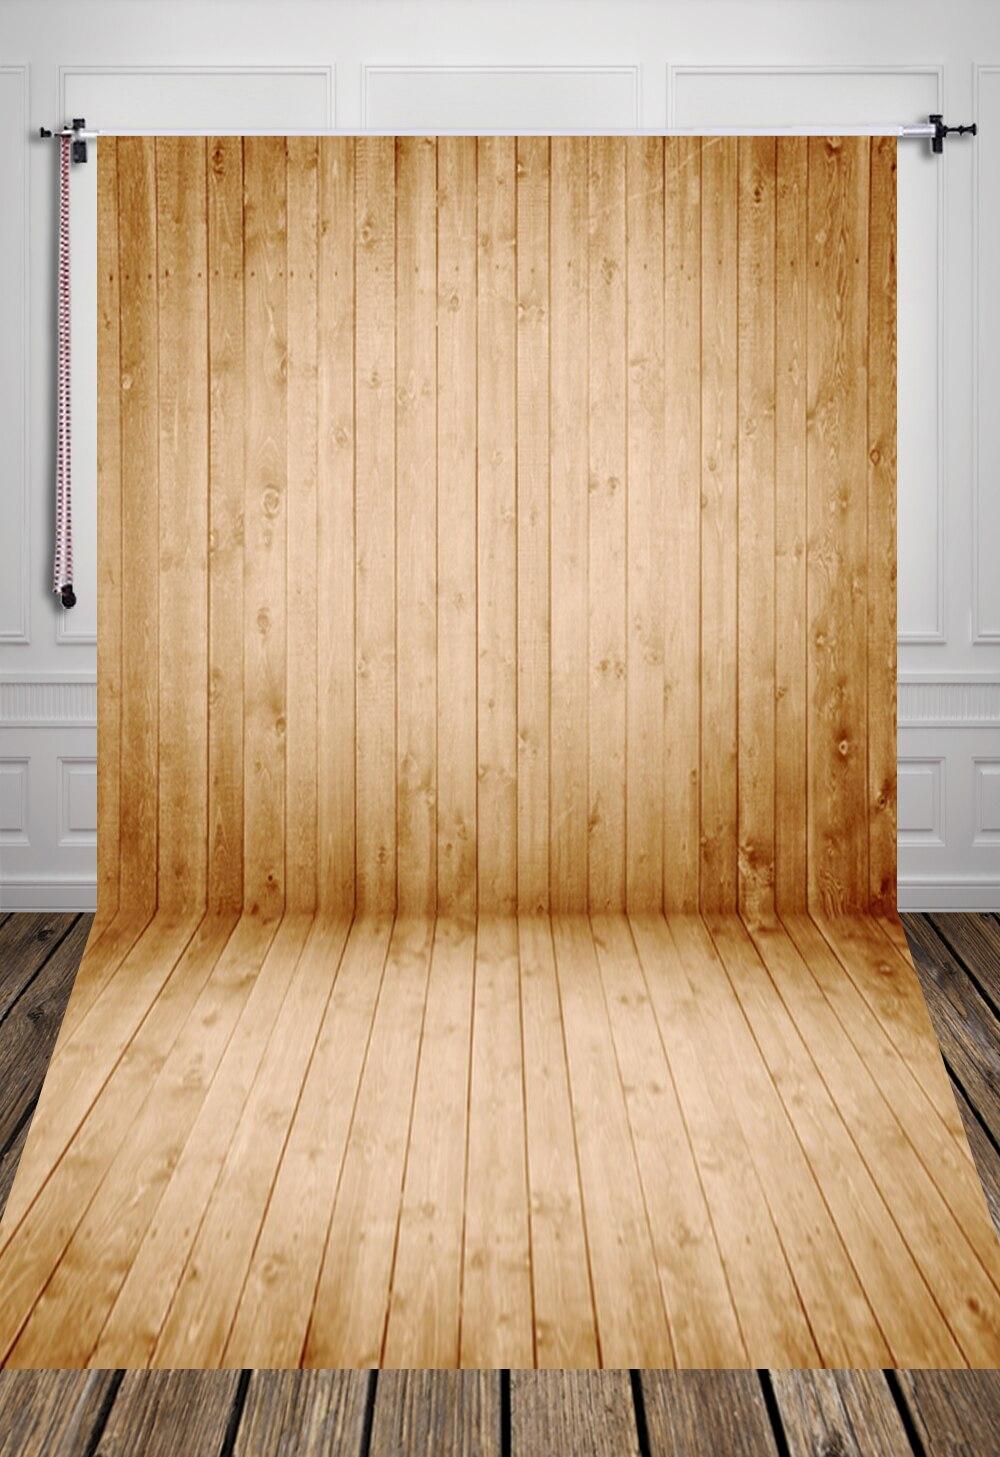 Impression Photo Planche Bois 5x7ft (1.5x2.2 m) planche de bois de pin propre impression